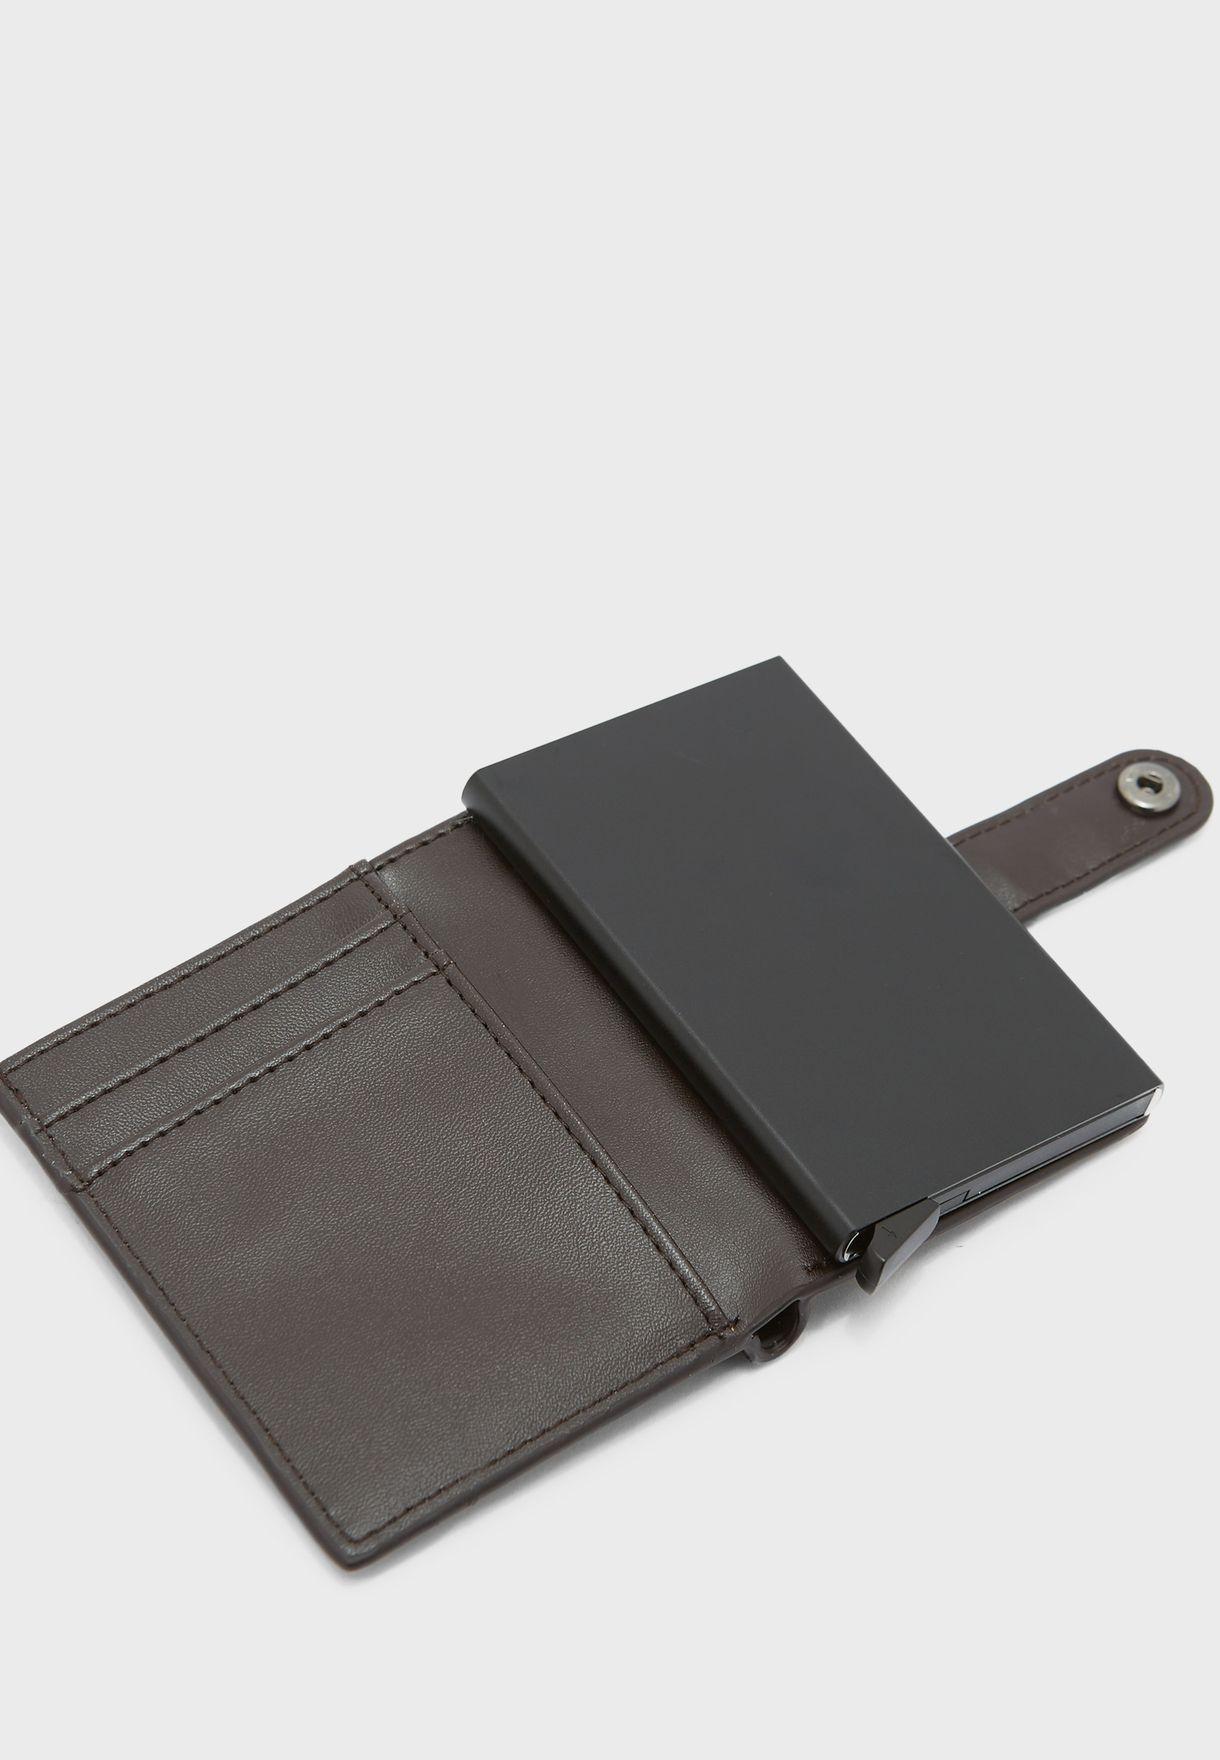 محفظة بطاقات بعدة فتحات